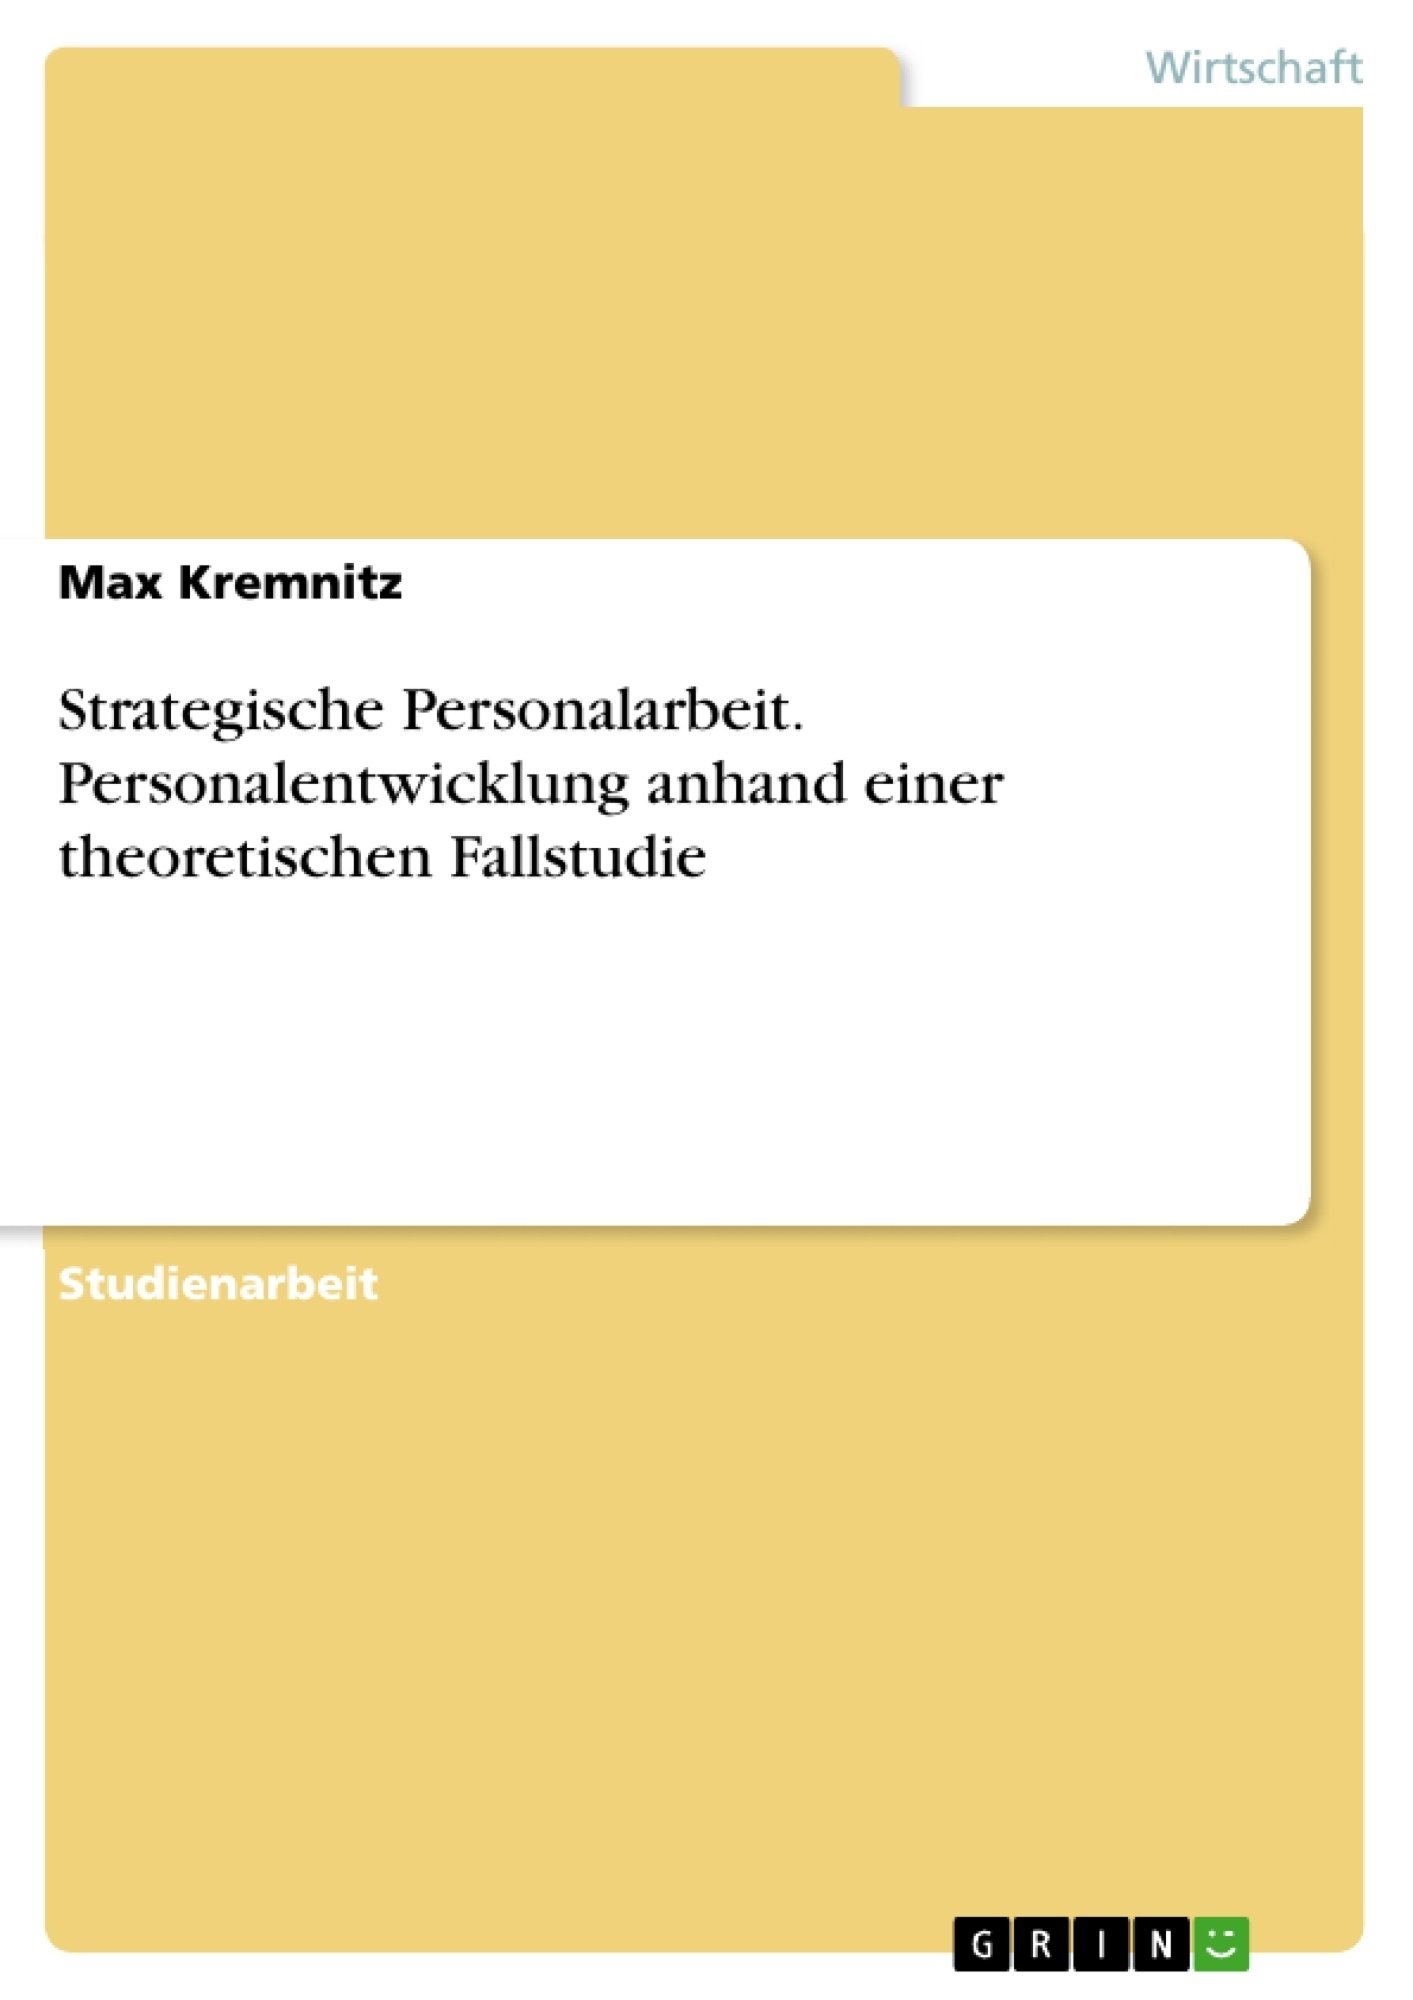 Titel: Strategische Personalarbeit. Personalentwicklung anhand einer theoretischen Fallstudie